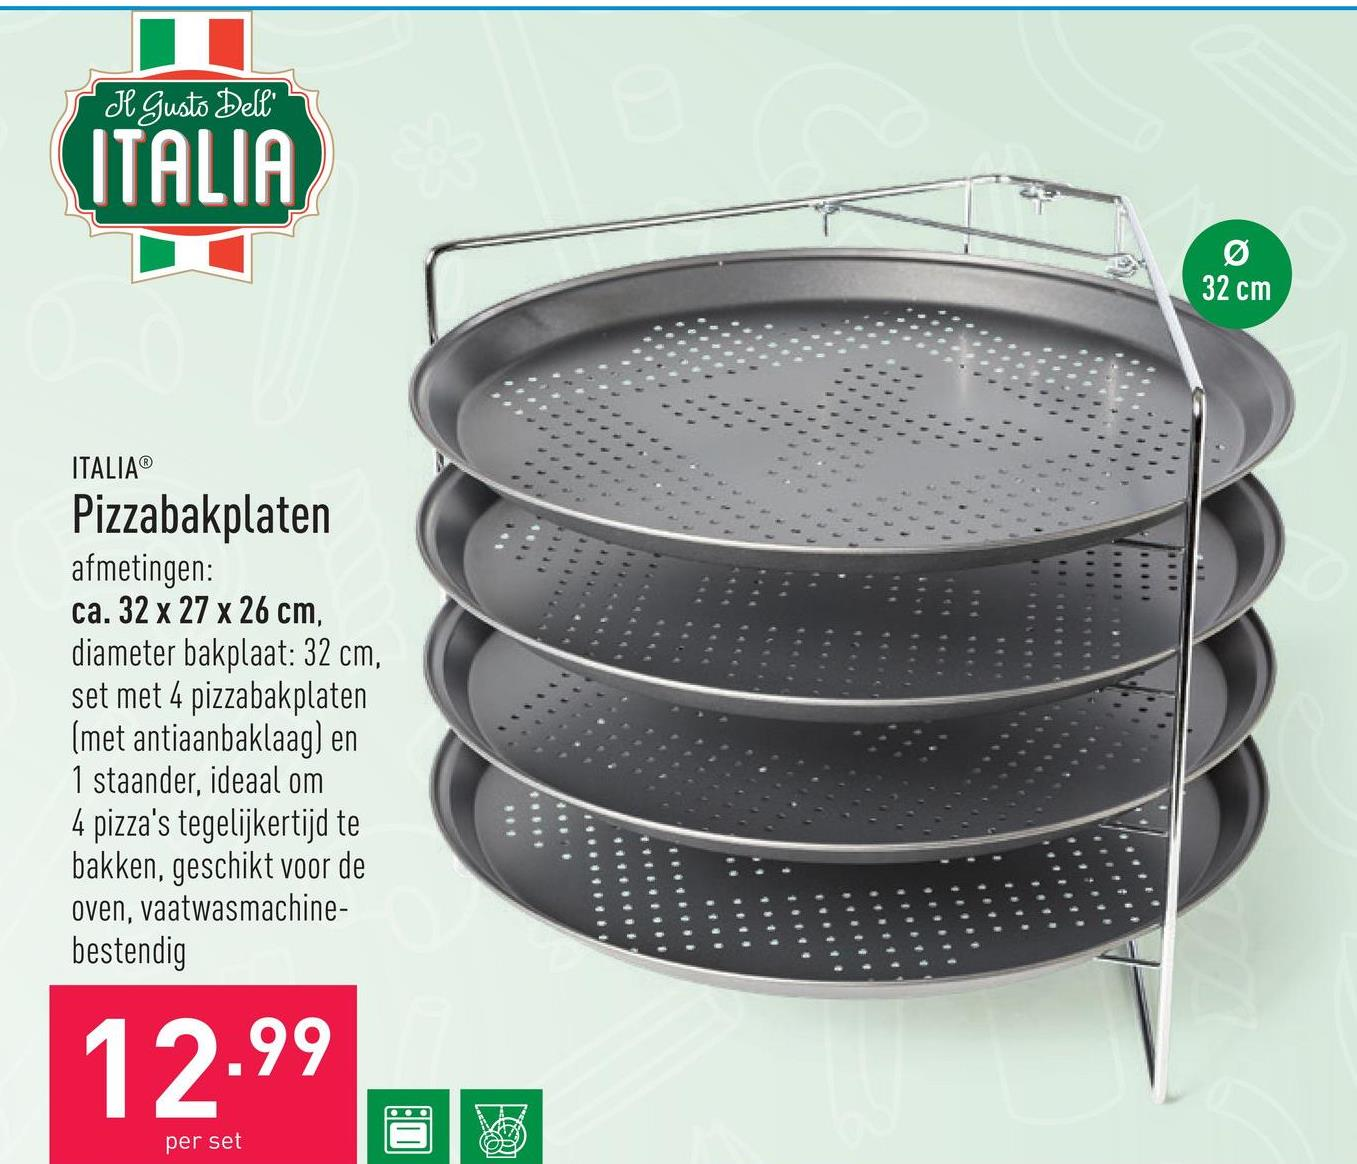 Pizzabakplaten afmetingen: ca. 32 x 27 x 26 cmdiameter bakplaat: 32 cmset met 4 pizzabakplaten (met antiaanbaklaag) en 1 staanderideaal om 4 pizza's tegelijkertijd te bakkengeschikt voor de ovenvaatwasmachinebestendig